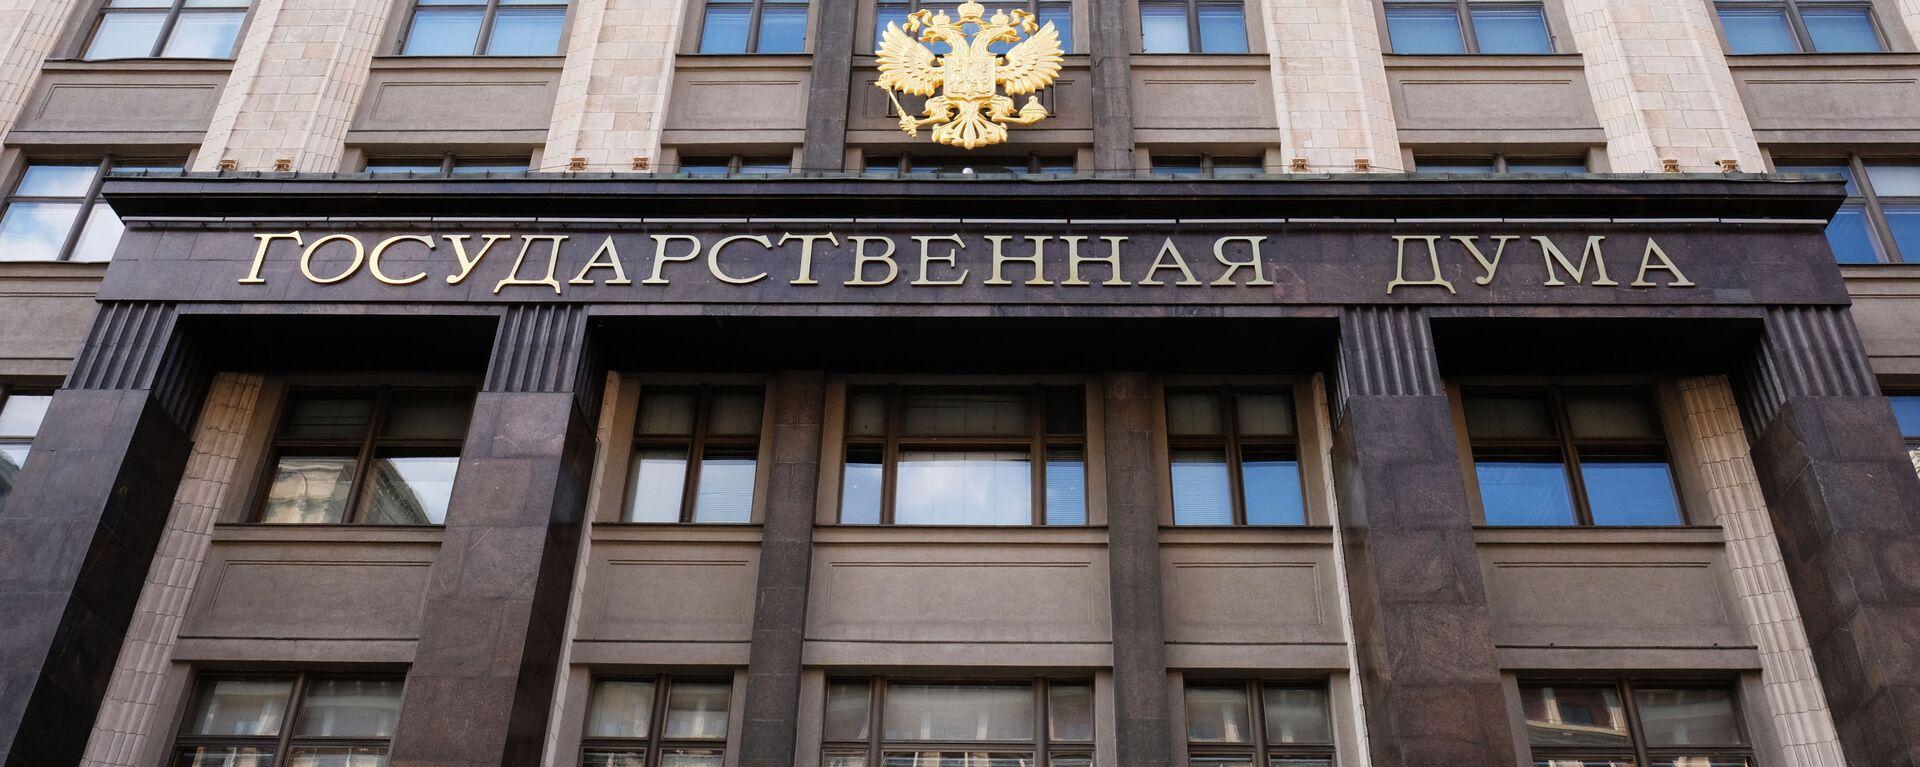 Зграда Државне думе Русије - Sputnik Србија, 1920, 31.07.2021